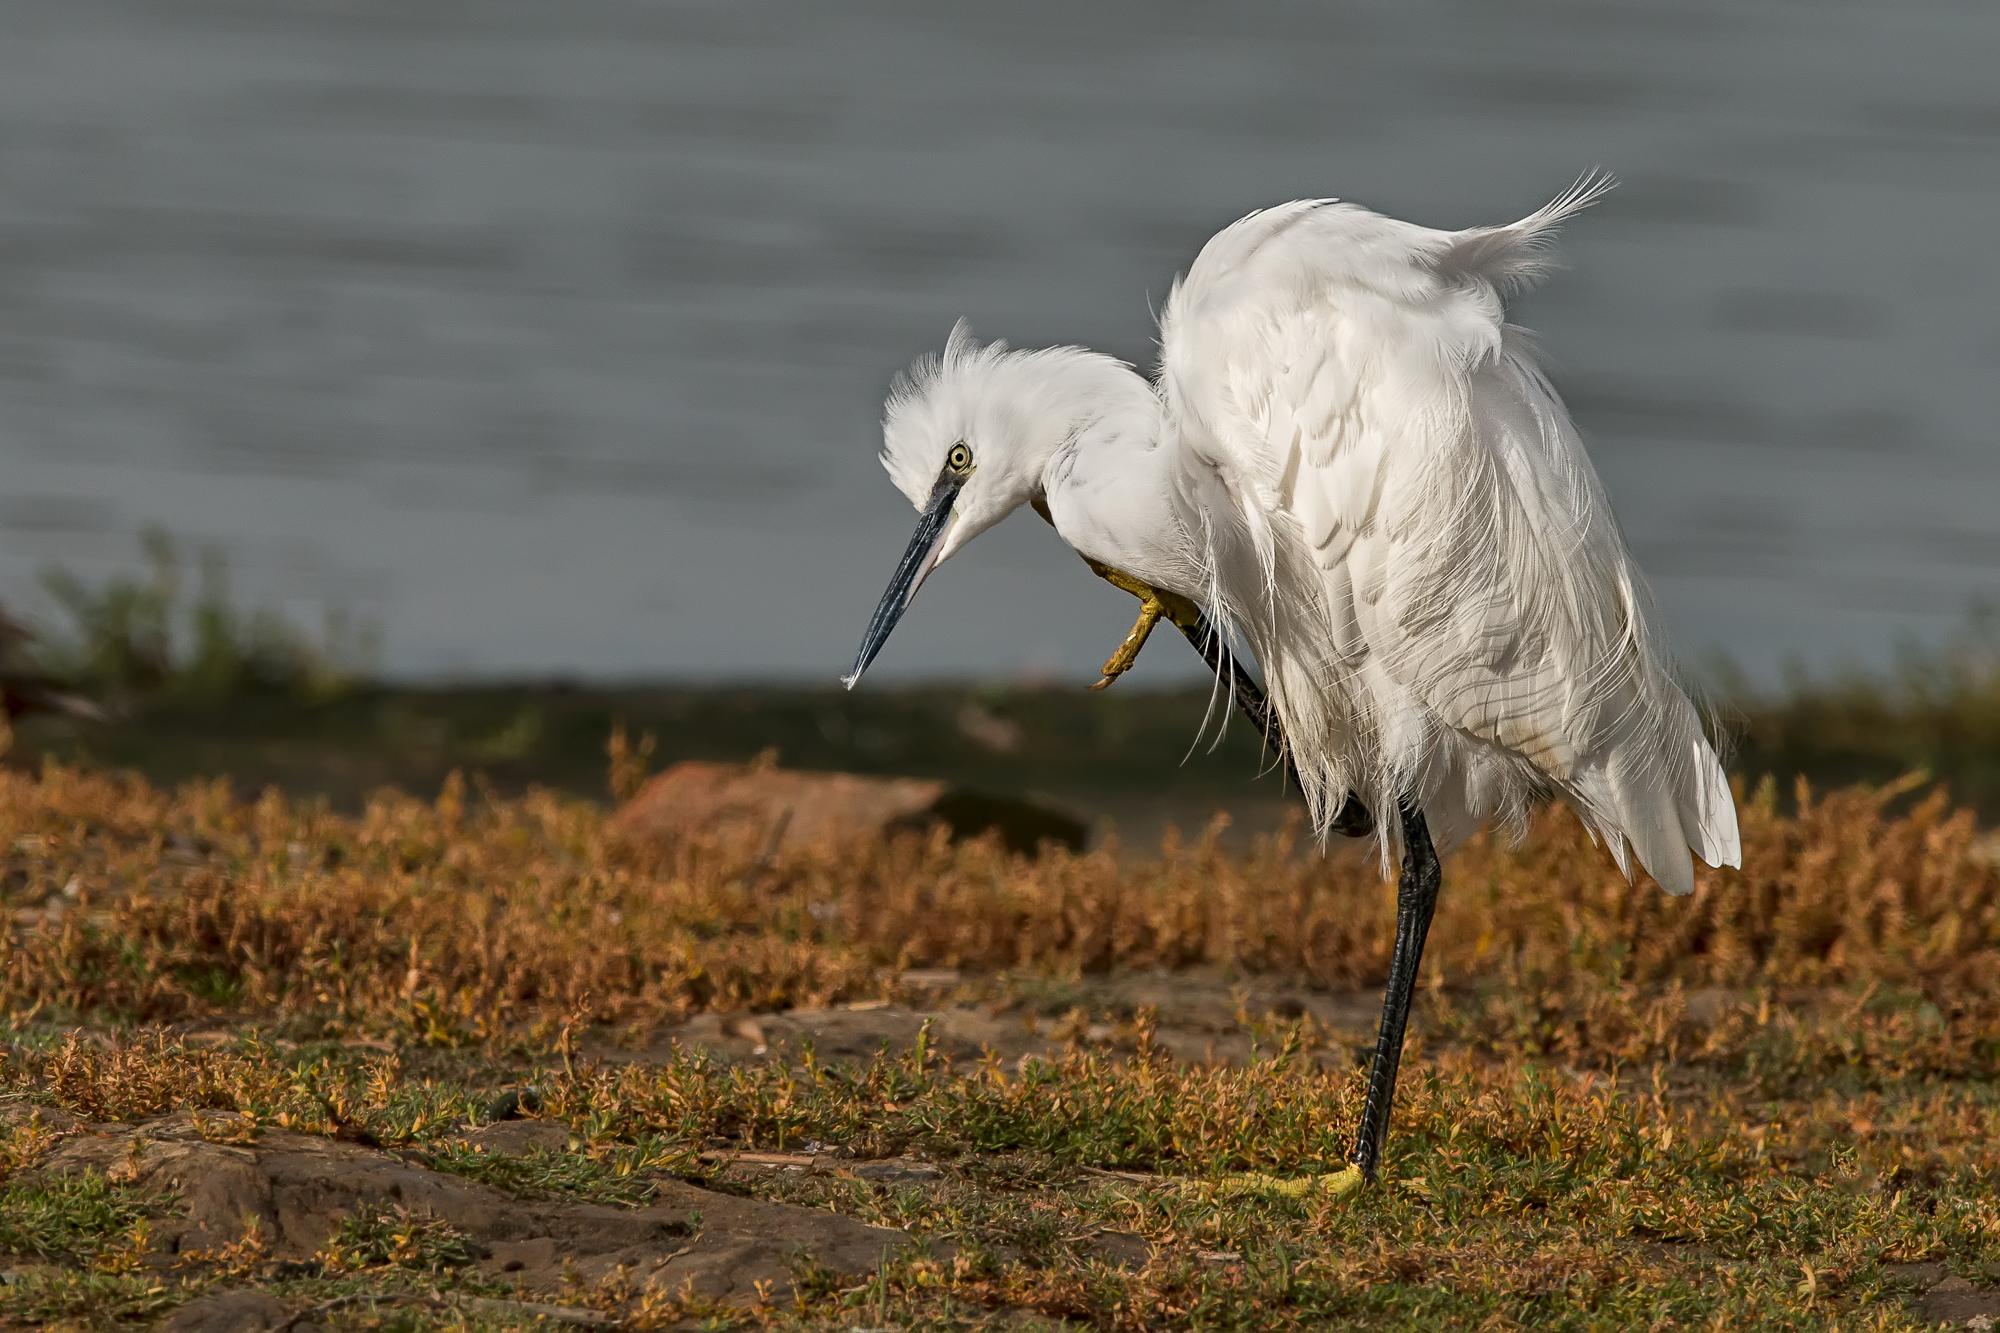 Little Egret Having a Scratch